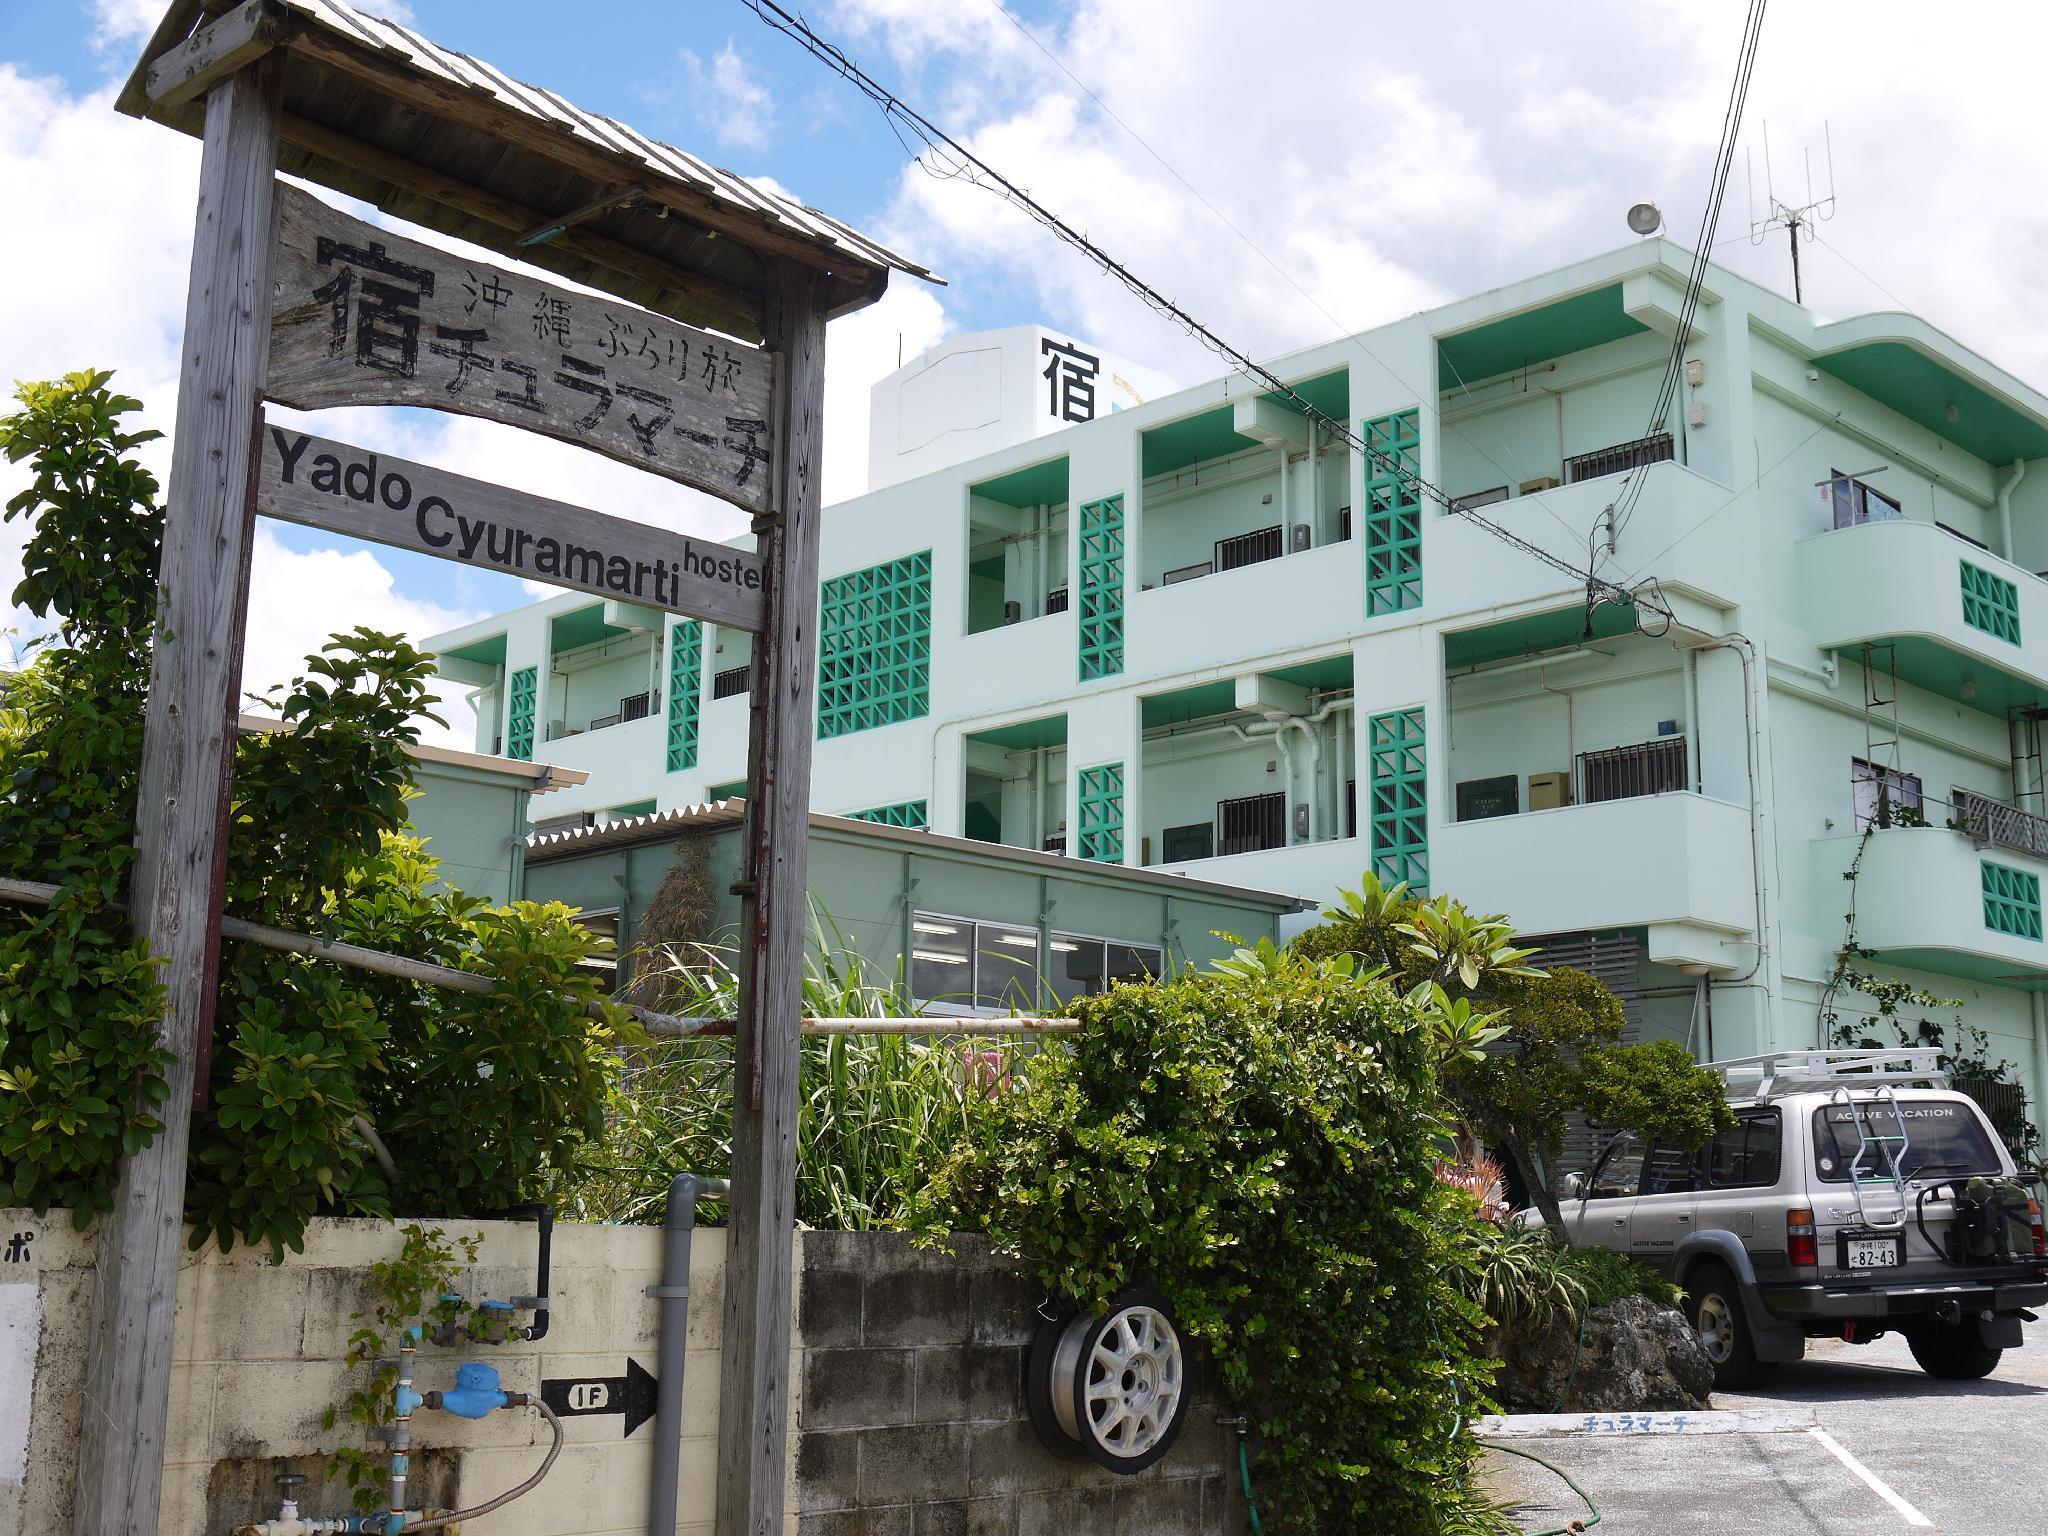 Yado Cyuramarti Hostel, Onna